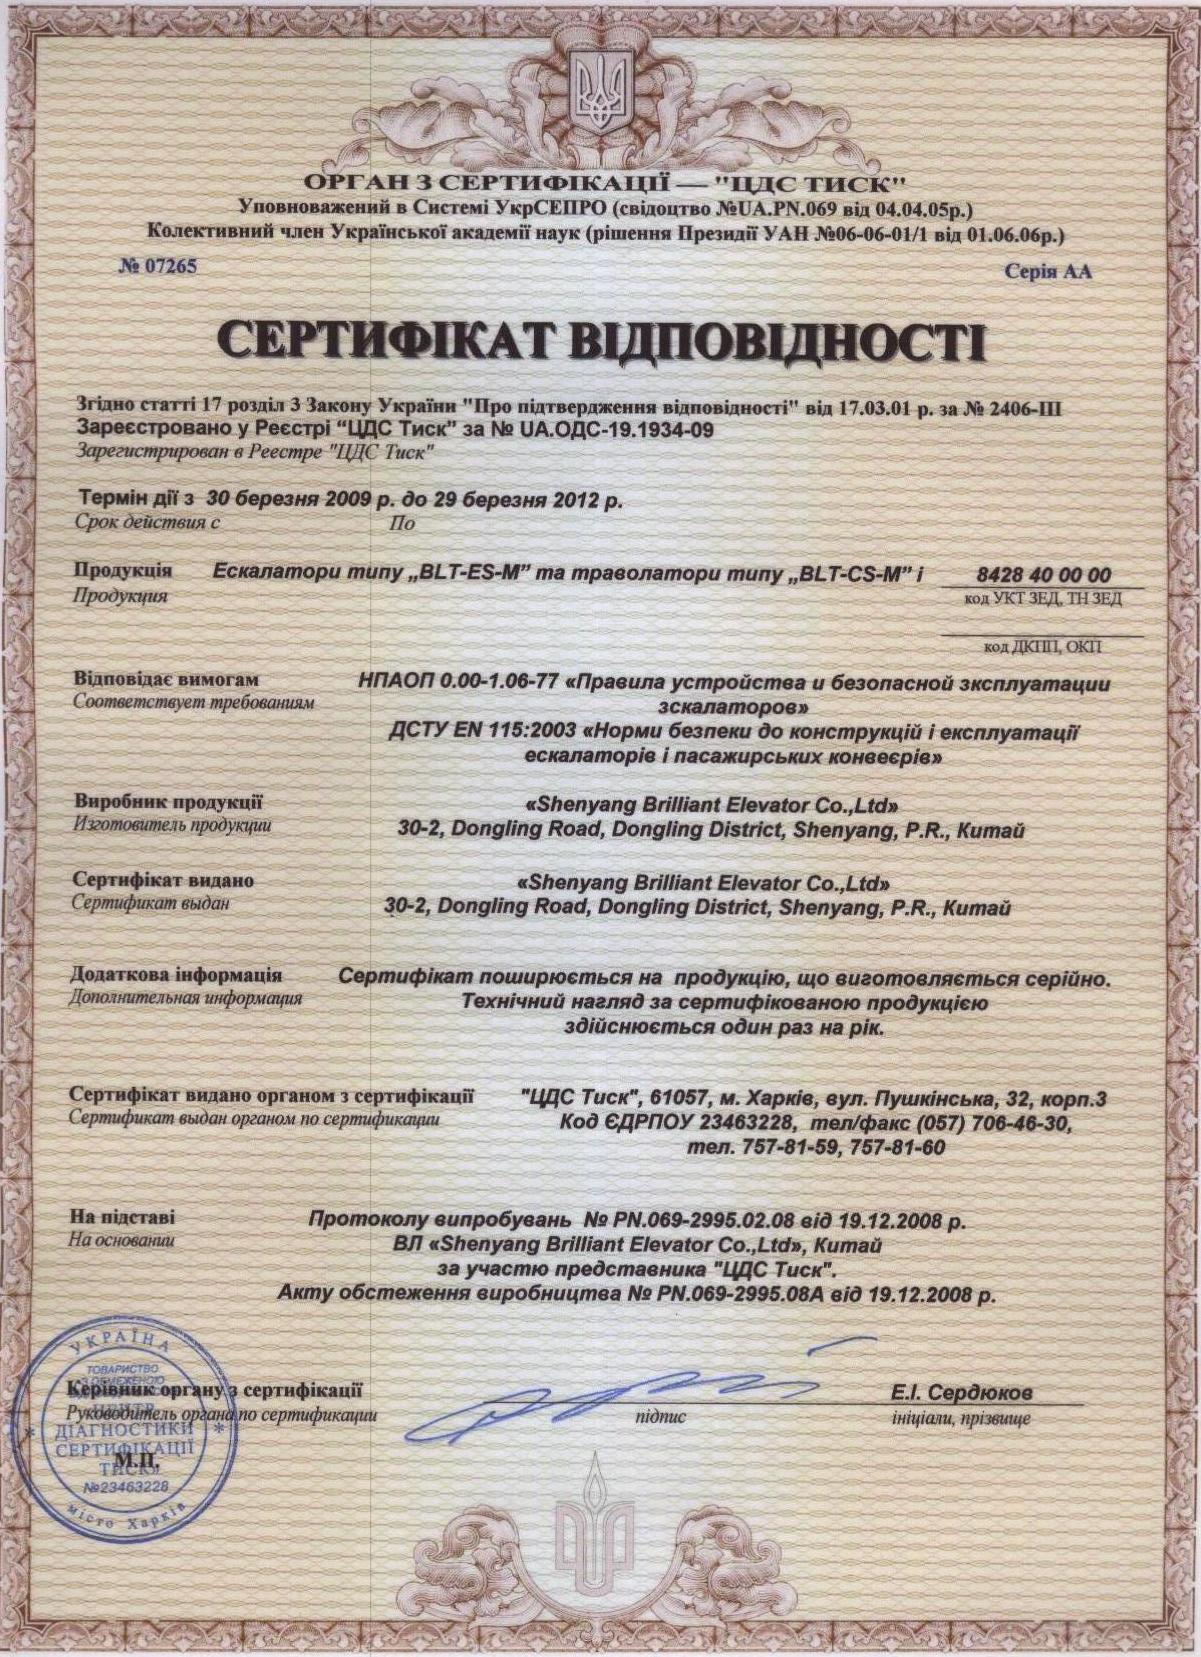 Ukrainian Certificate